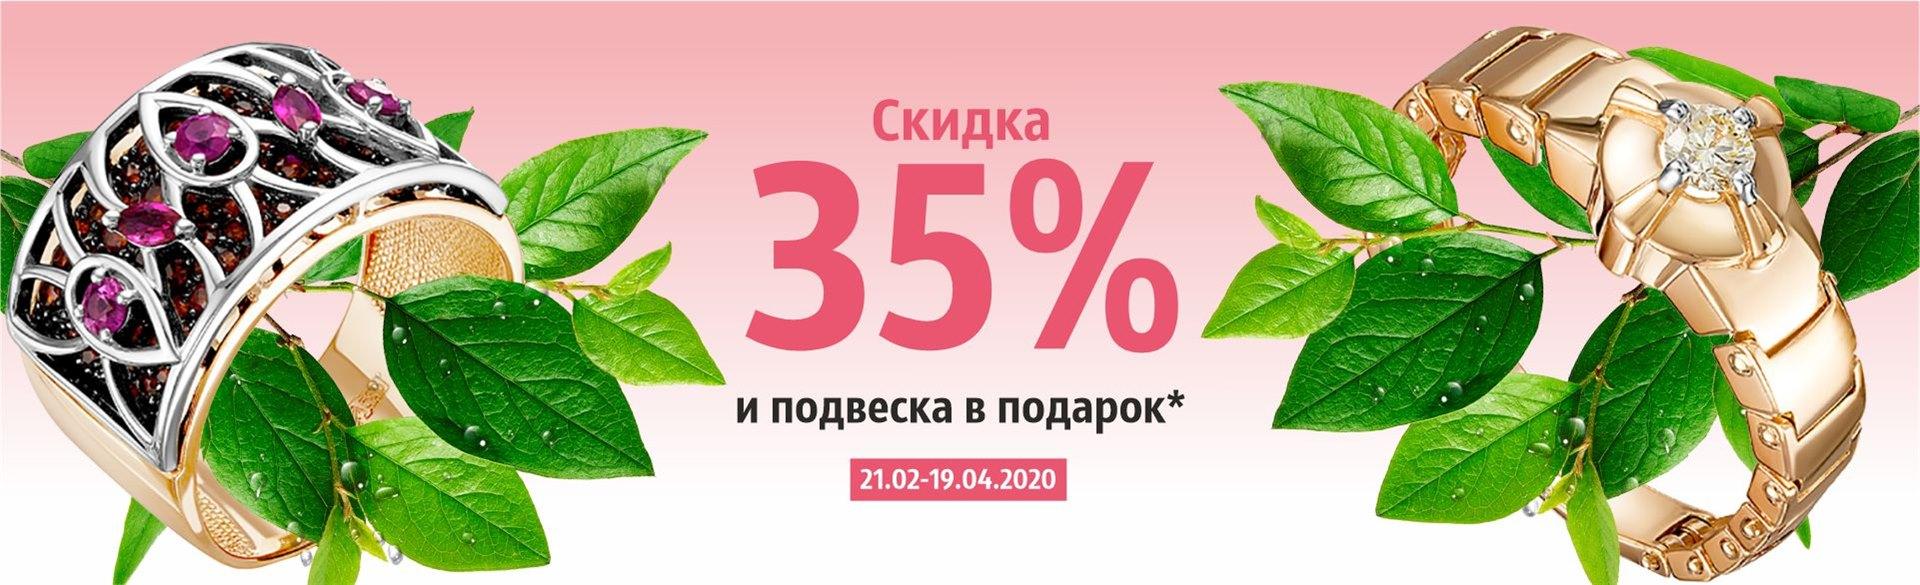 https://www.almazcom.ru/pub/img/QA/actions/aktsiya_banner_brillianty_kostromy_35.jpg